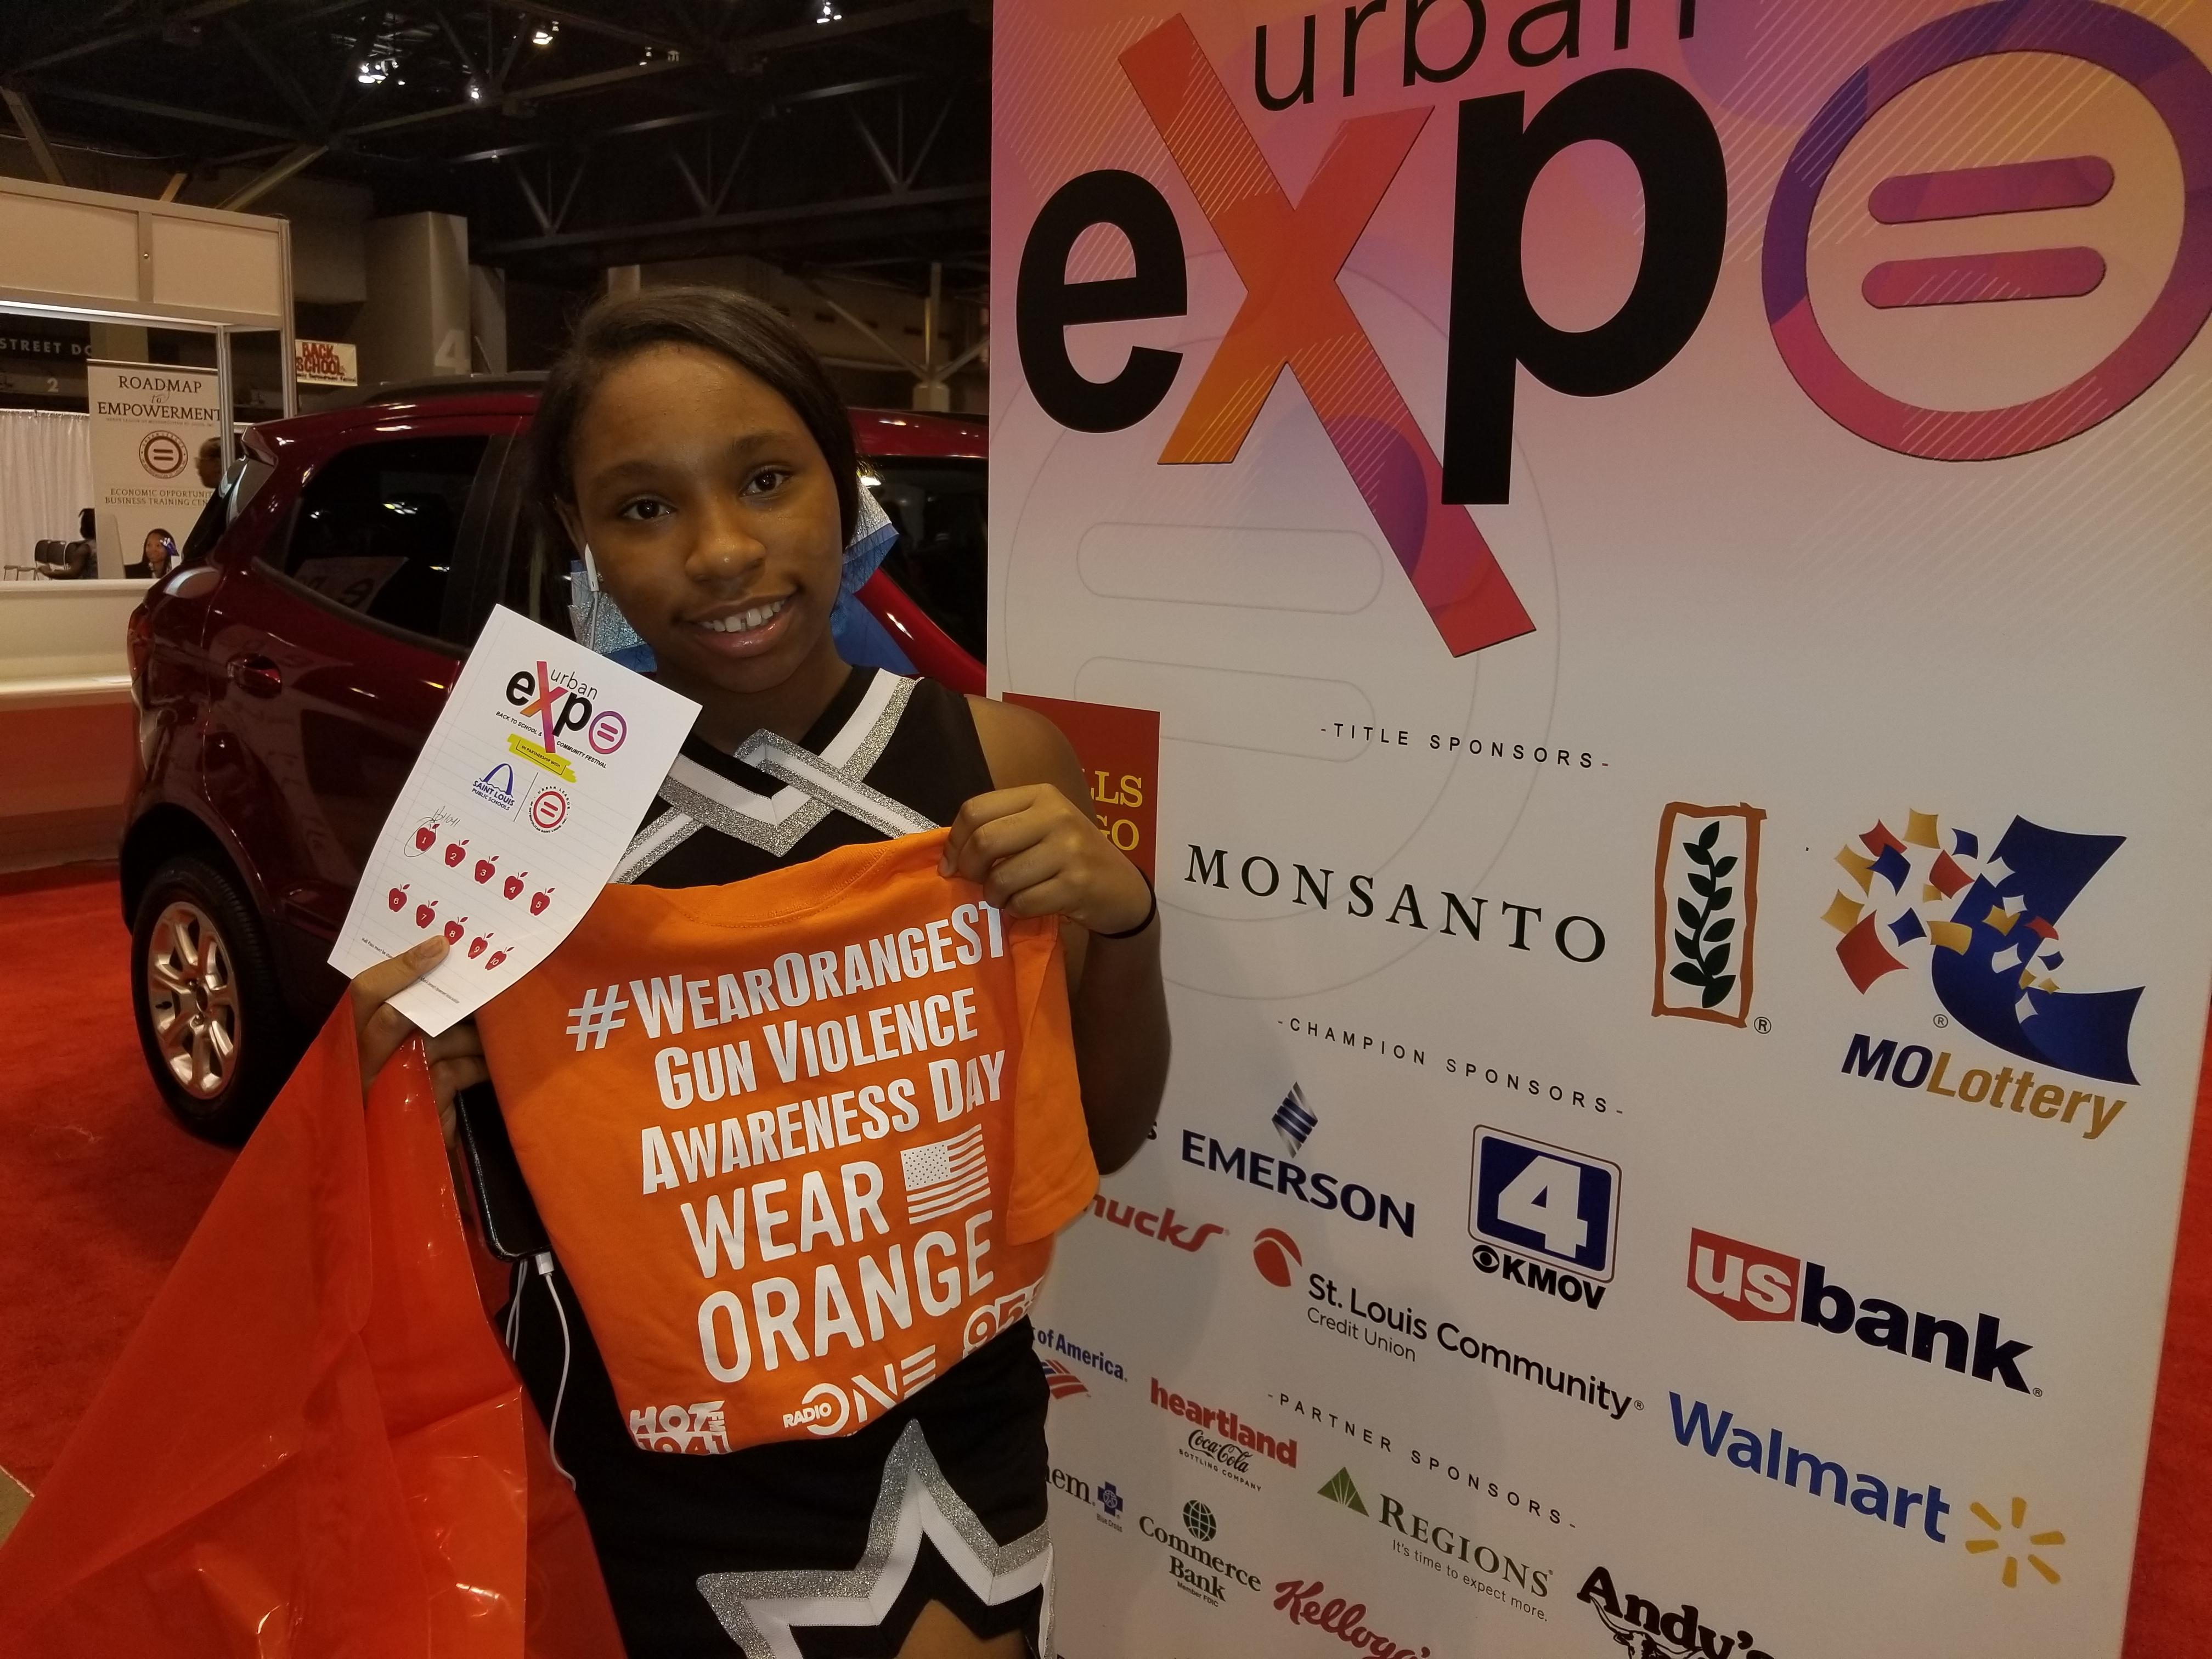 Hot 104.1 at Urban Expo 2018